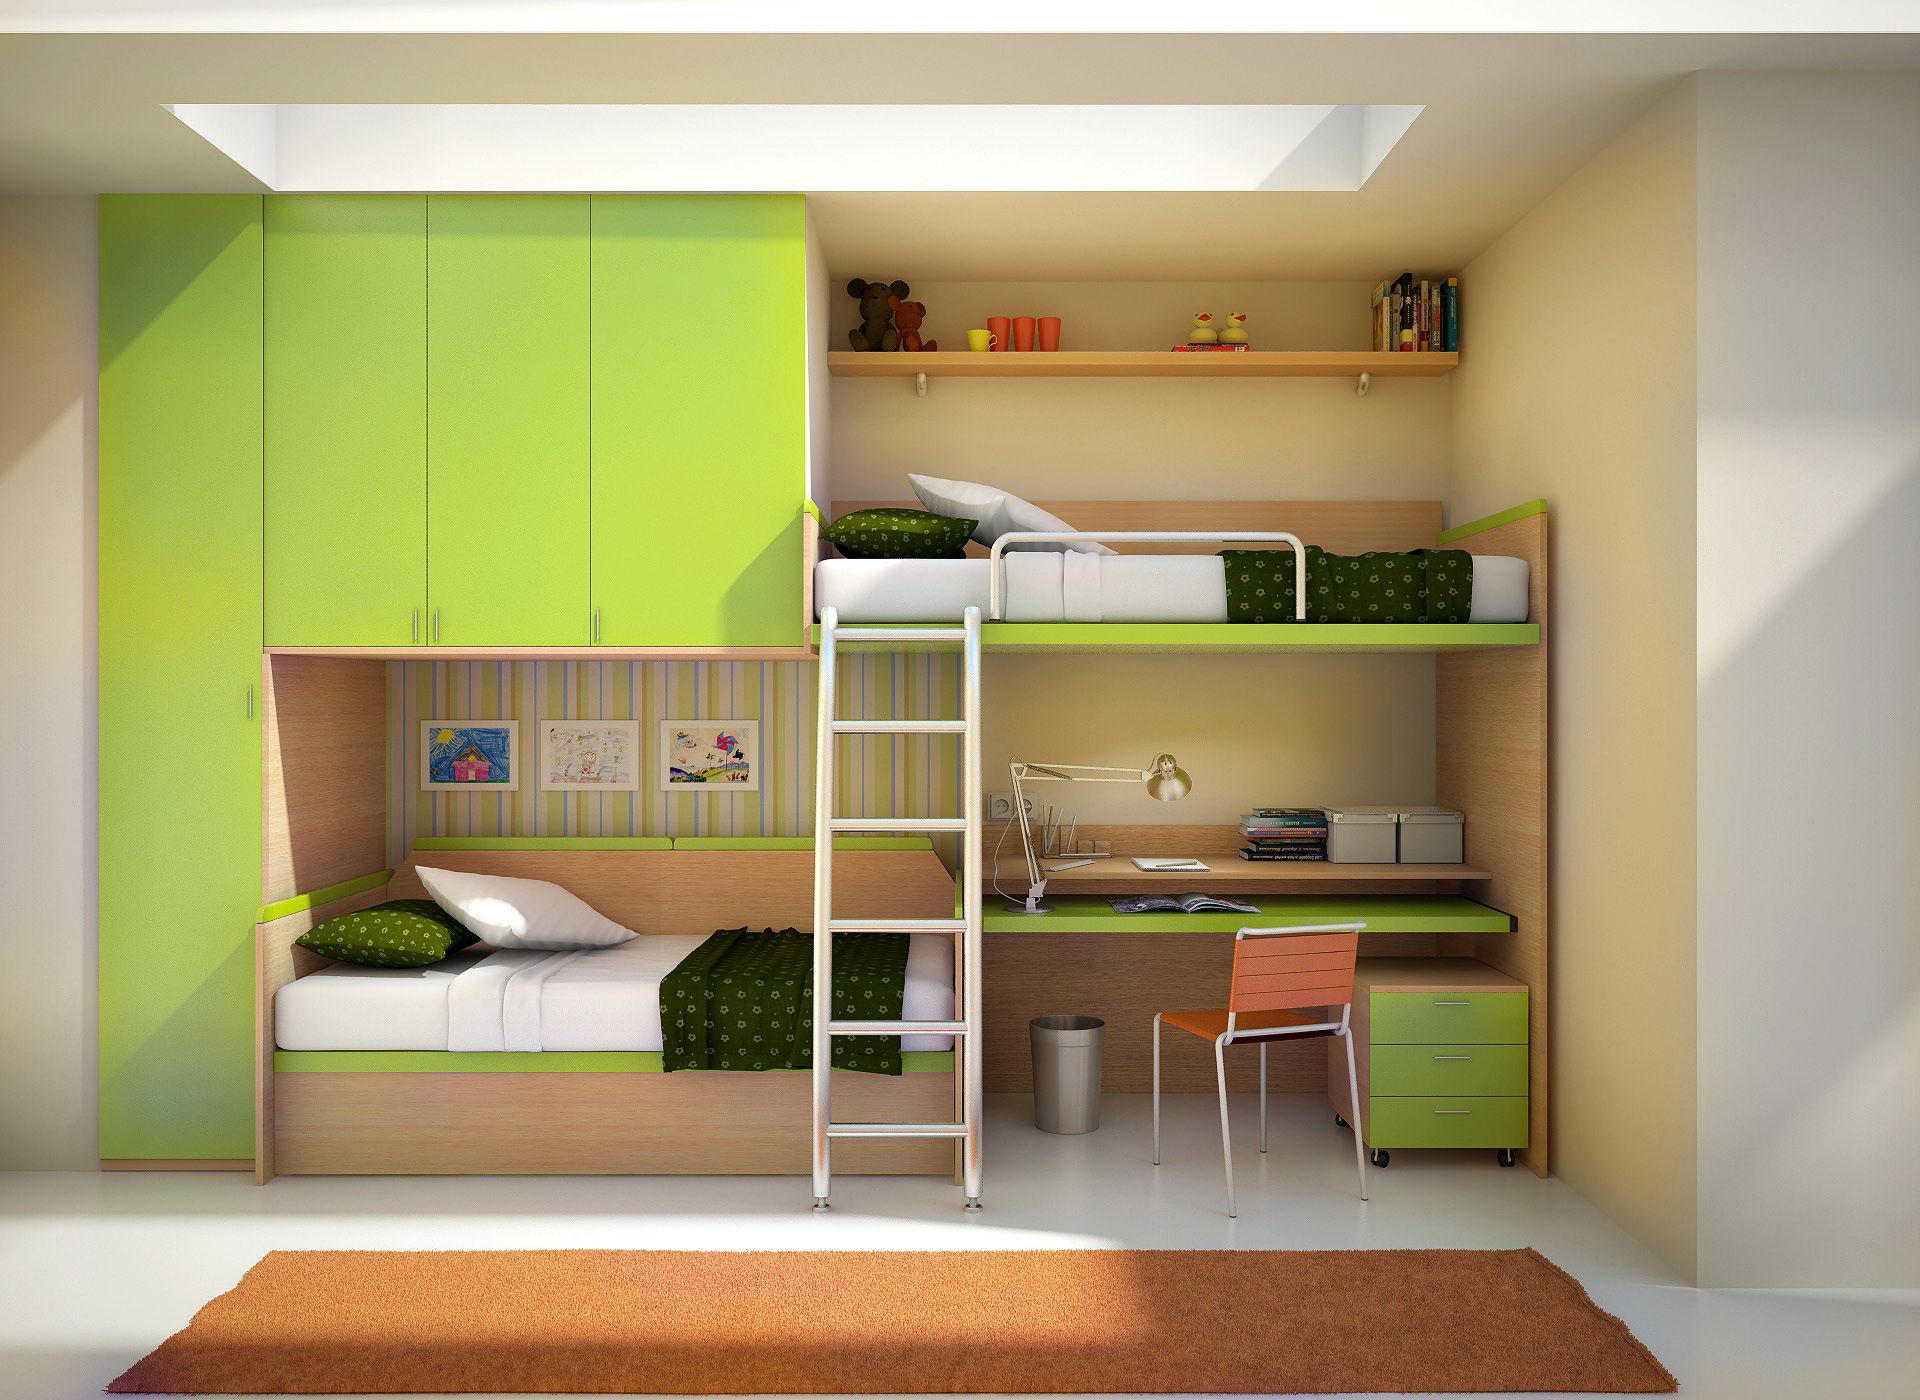 12 моделей детских комнат с встроенной мебелью.